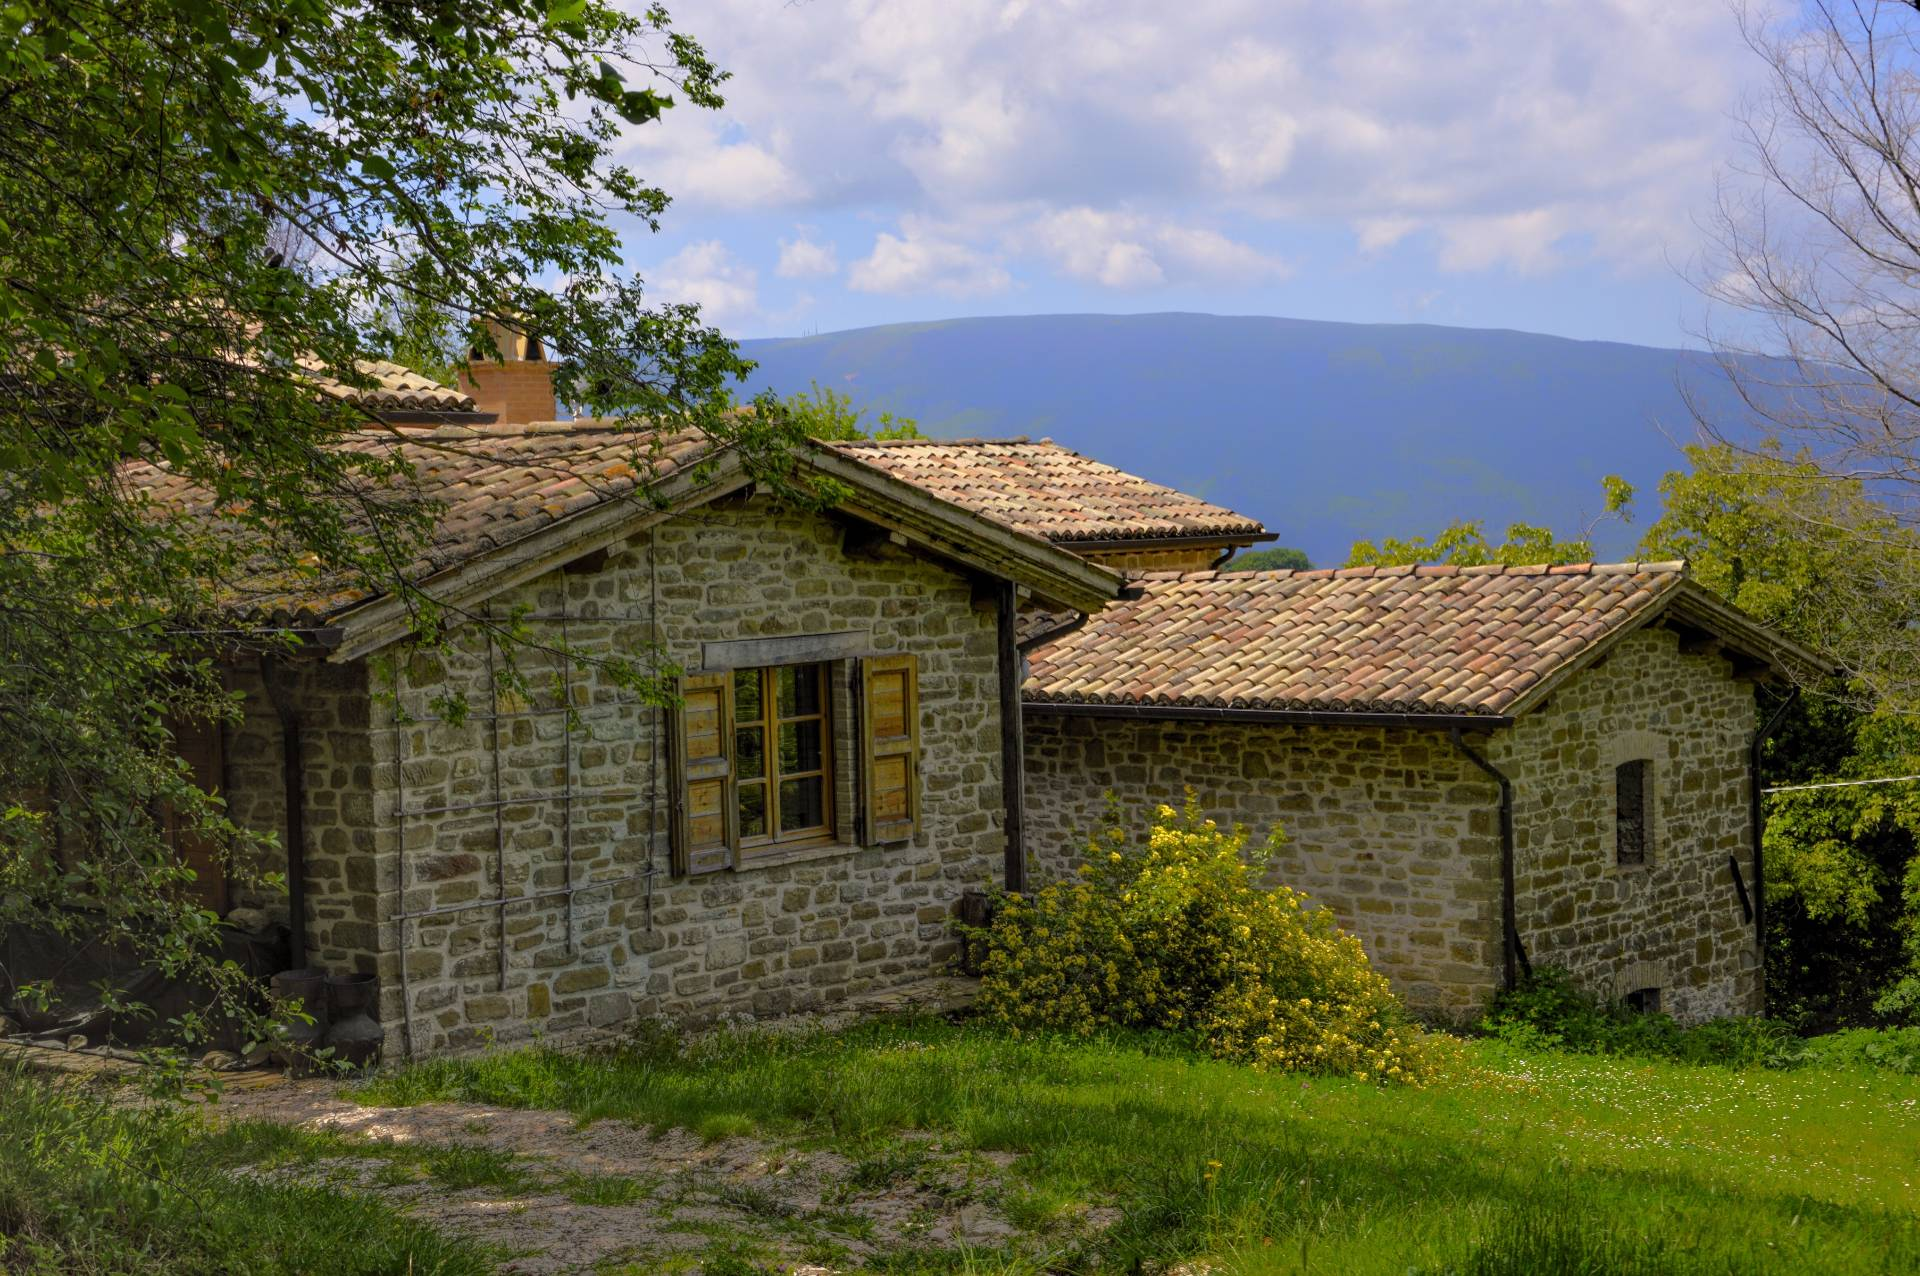 Rustico / Casale in vendita a Assisi, 8 locali, zona Località: Paradiso, prezzo € 310.000 | CambioCasa.it